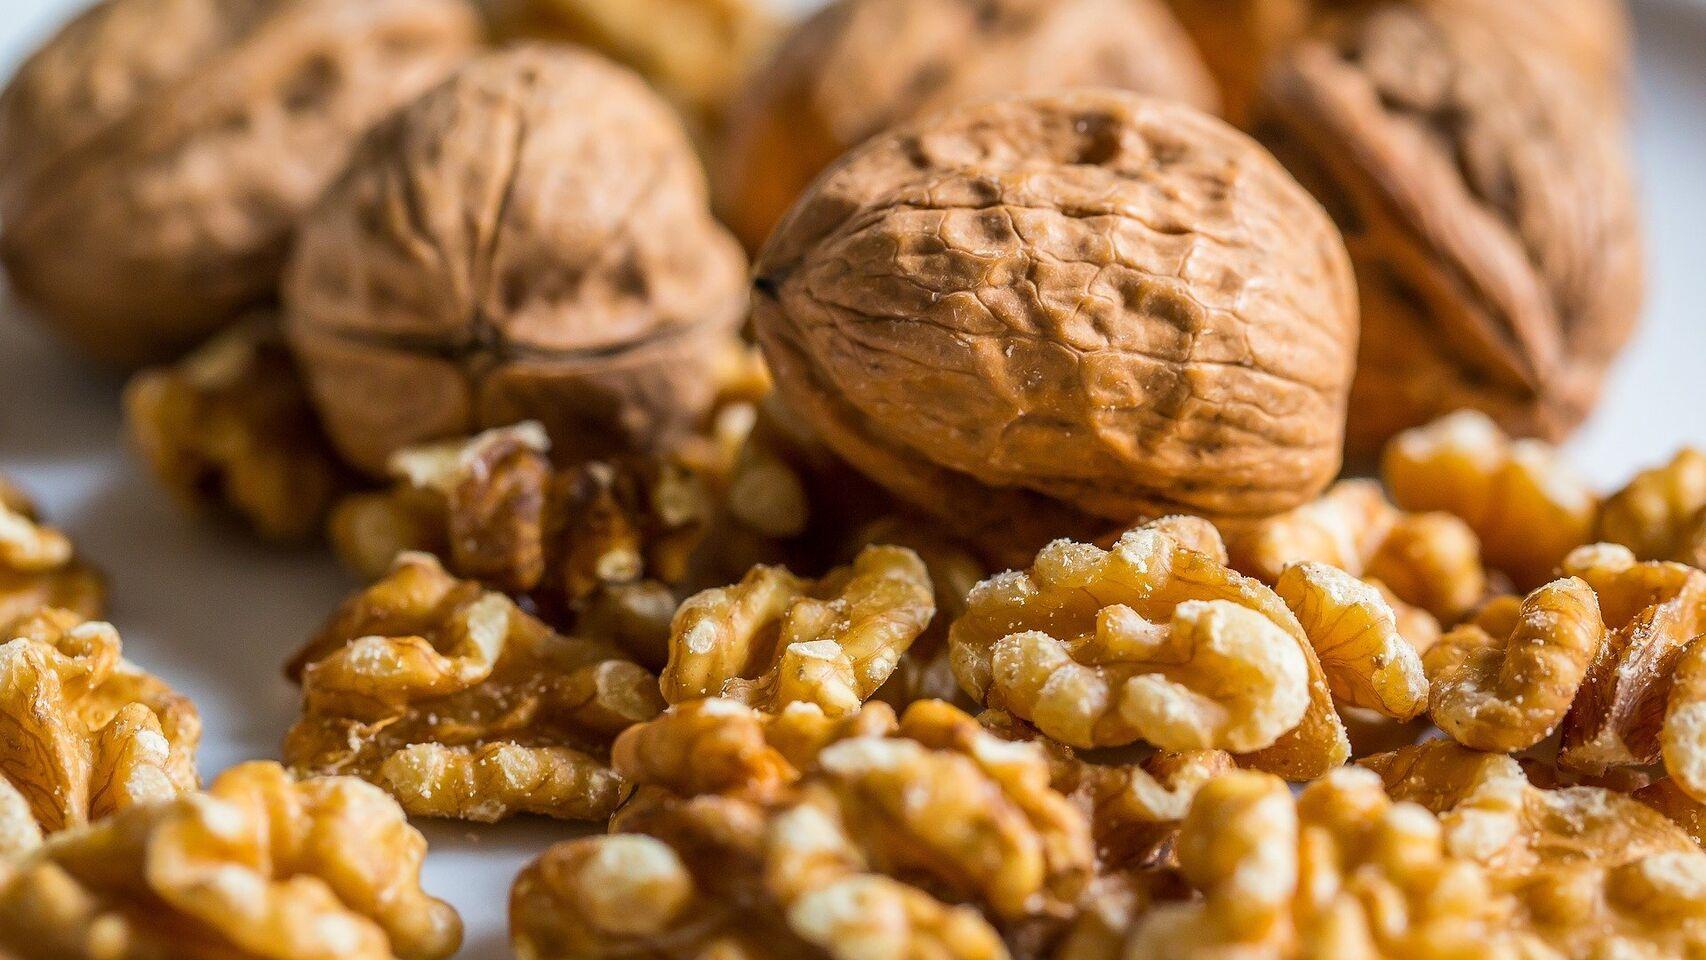 Europa alerta sobre la ocratoxina A, el cancerígeno de frutos secos, cereales y especias